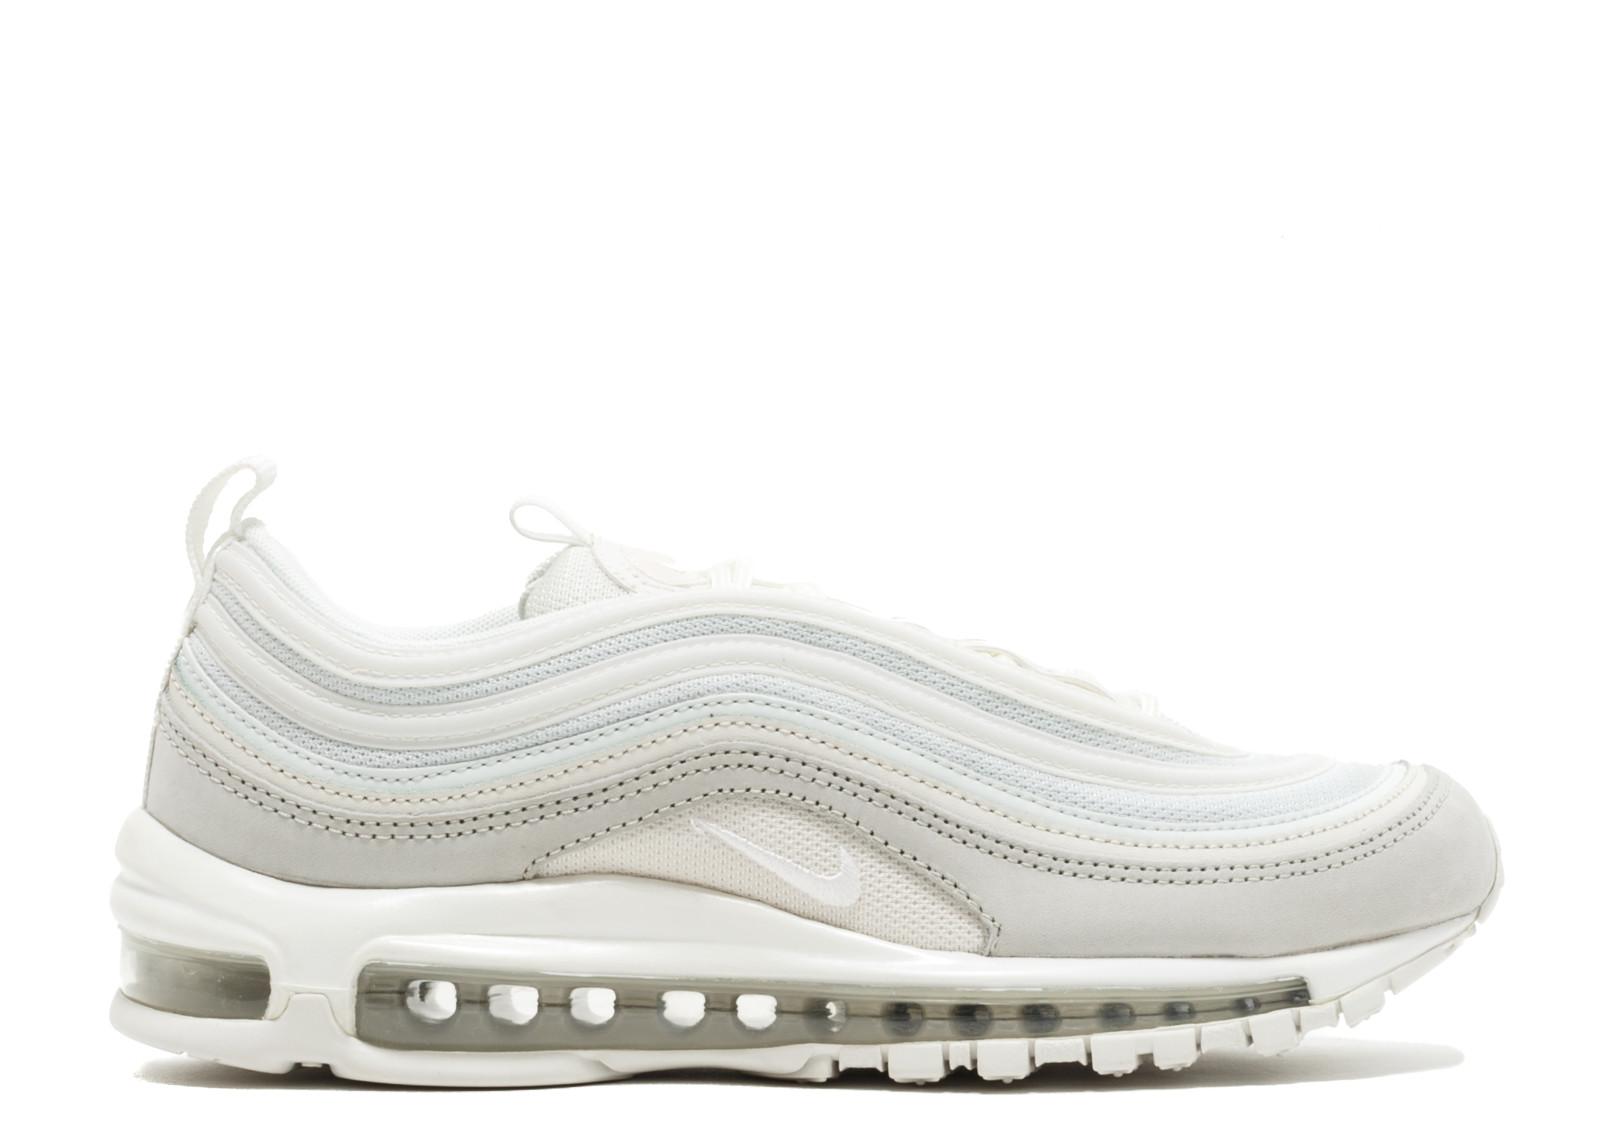 ナイキ エアー マックス プレミアム ライト 白 ホワイト メンズ 男性用 メンズ靴 靴 スニーカー 【 NIKE AIR PREMIUM MAX 97 LIGHT BONE SUMMIT WHITE 】